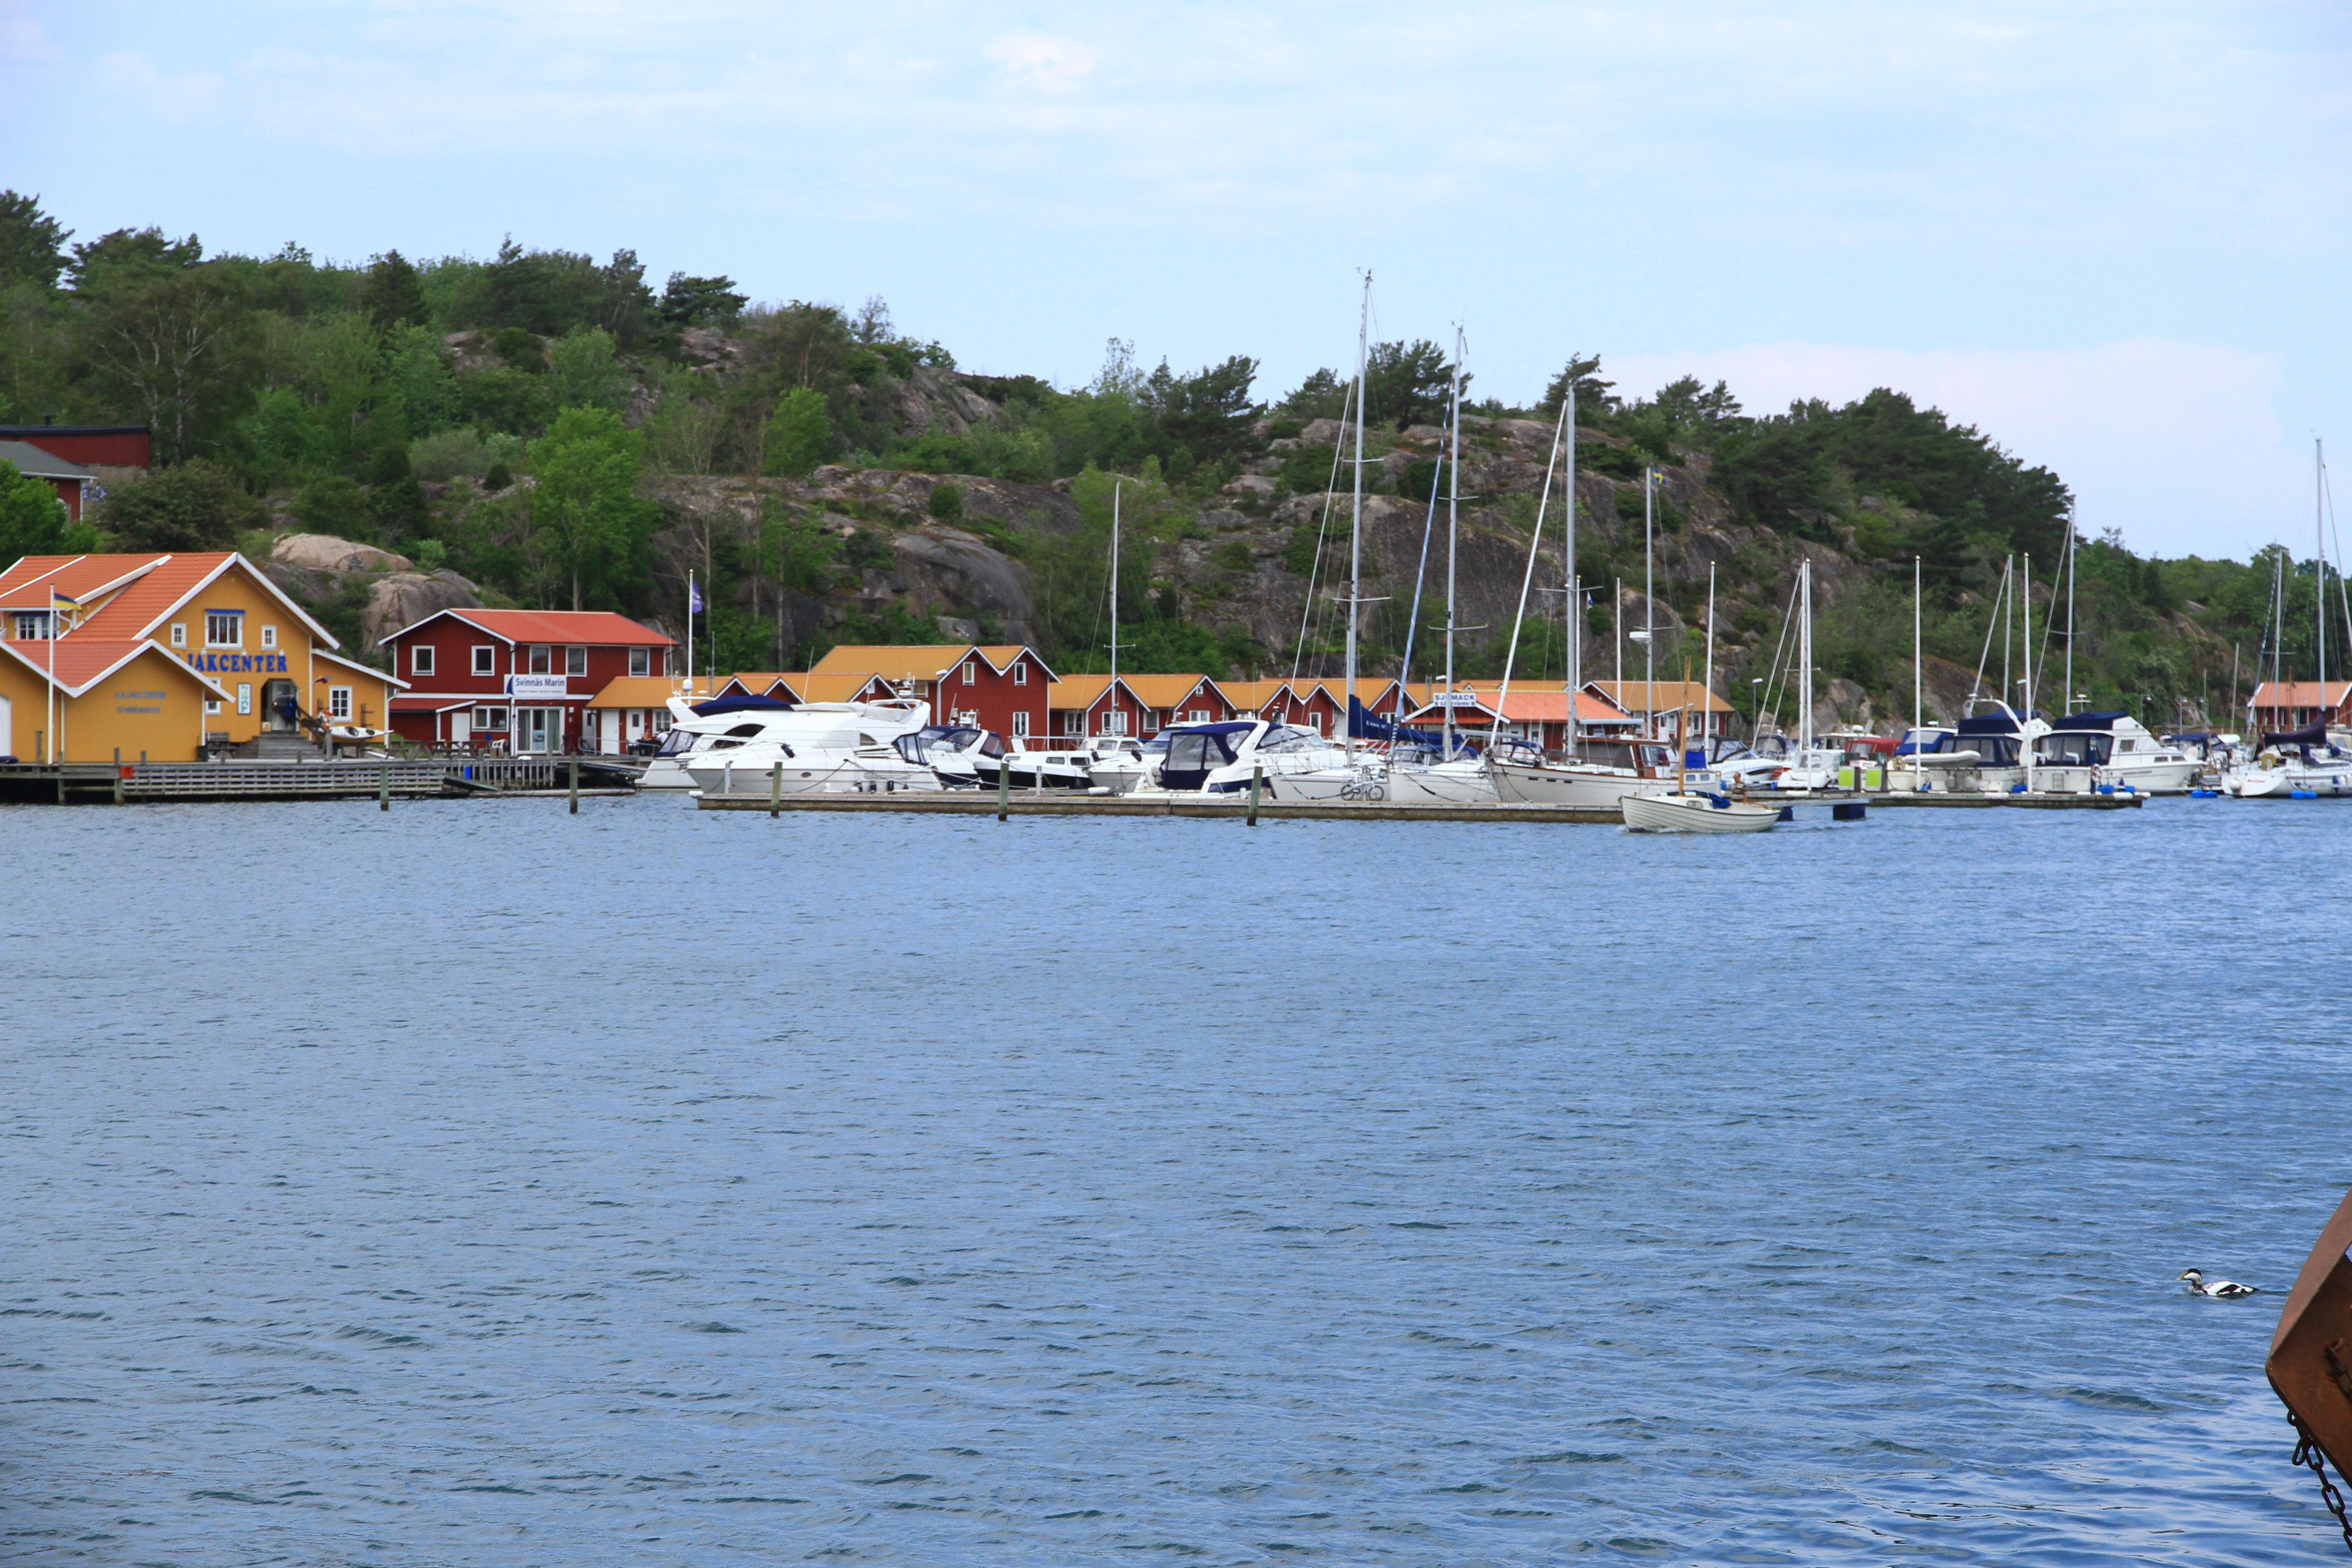 123、瑞典哥德堡:格雷贝斯塔--生蚝小镇1